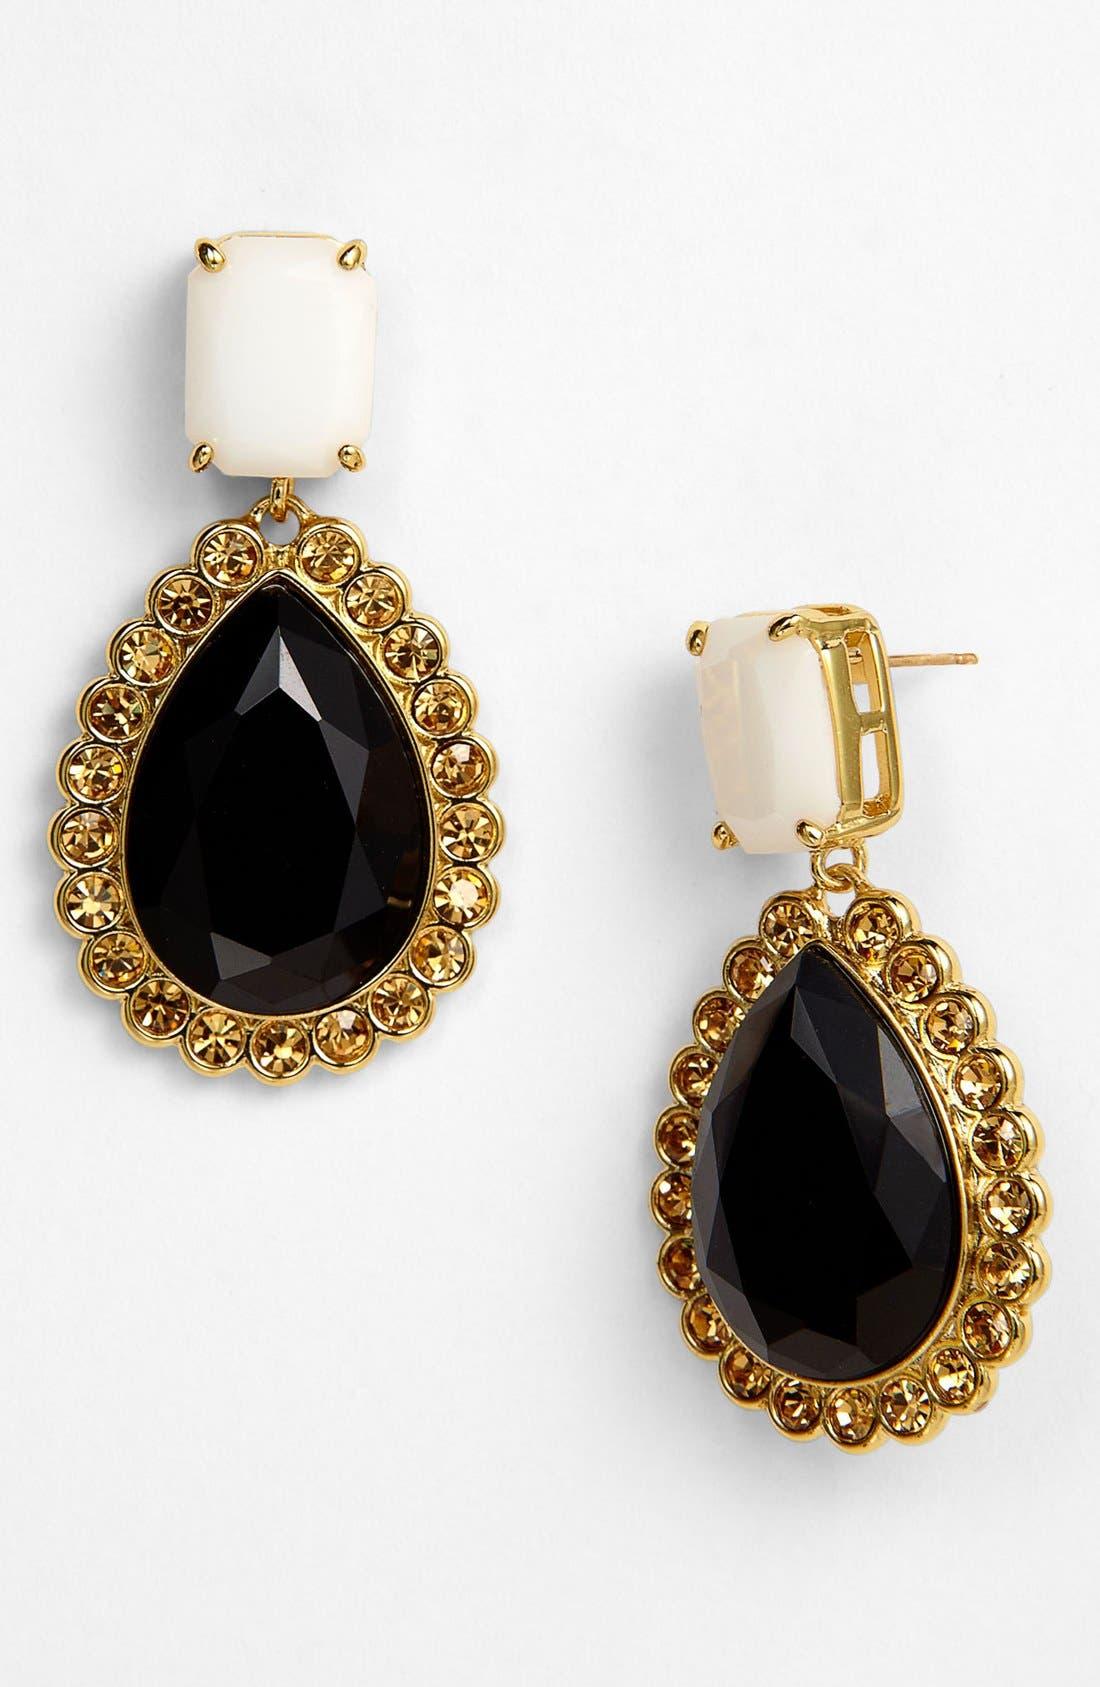 Alternate Image 1 Selected - kate spade new york 'run around' framed stone earrings